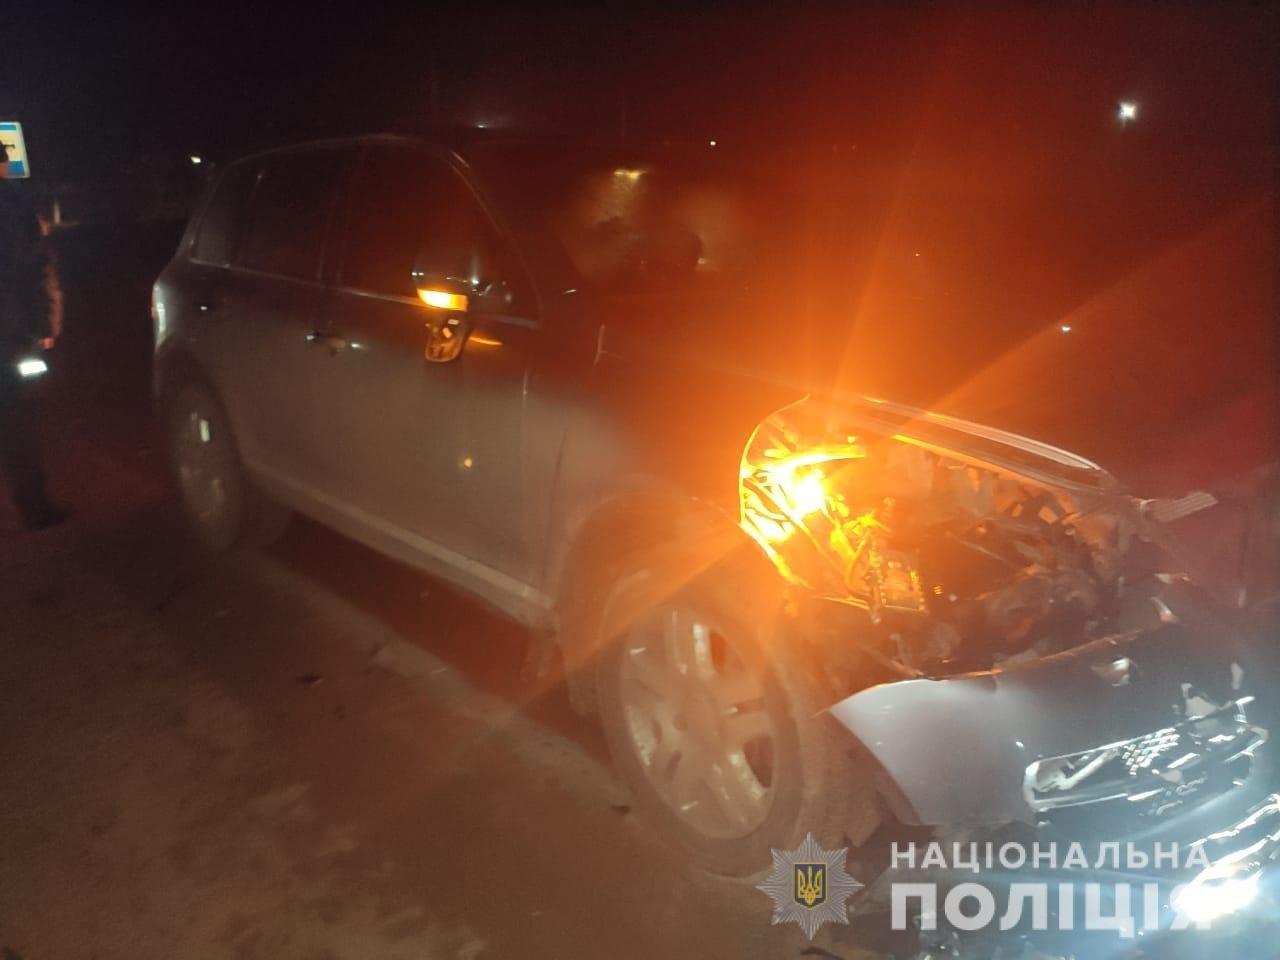 В ДТП на трассе Одесса-Рени погиб 28-летний мопедист, - ФОТО, фото-2